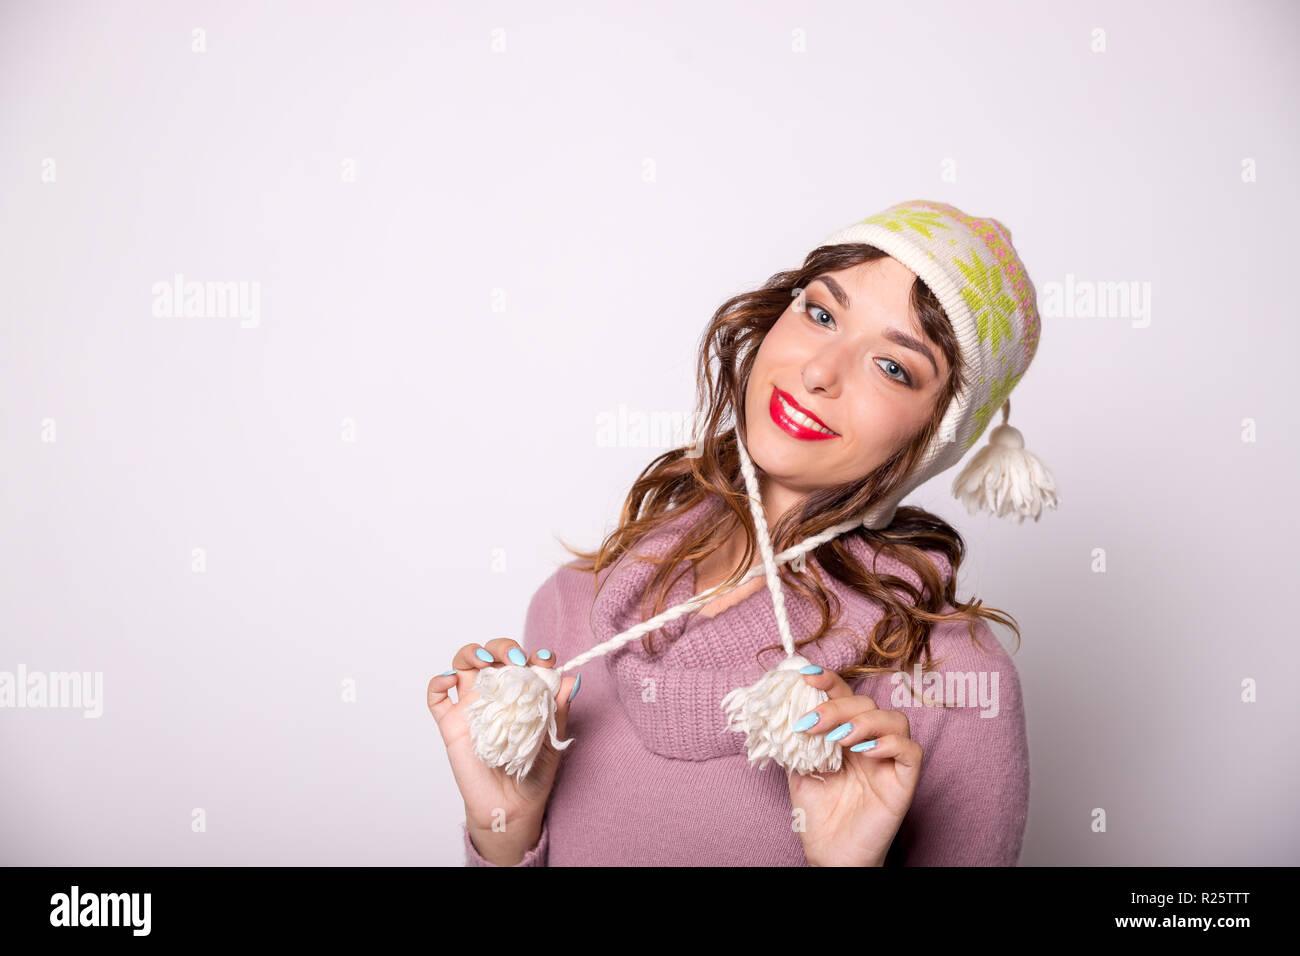 3131f0a72b04 Junge Frau in warme Kleidung auf weißem Hintergrund. Bereit für  Winterurlaub Winter Outfit, warmer